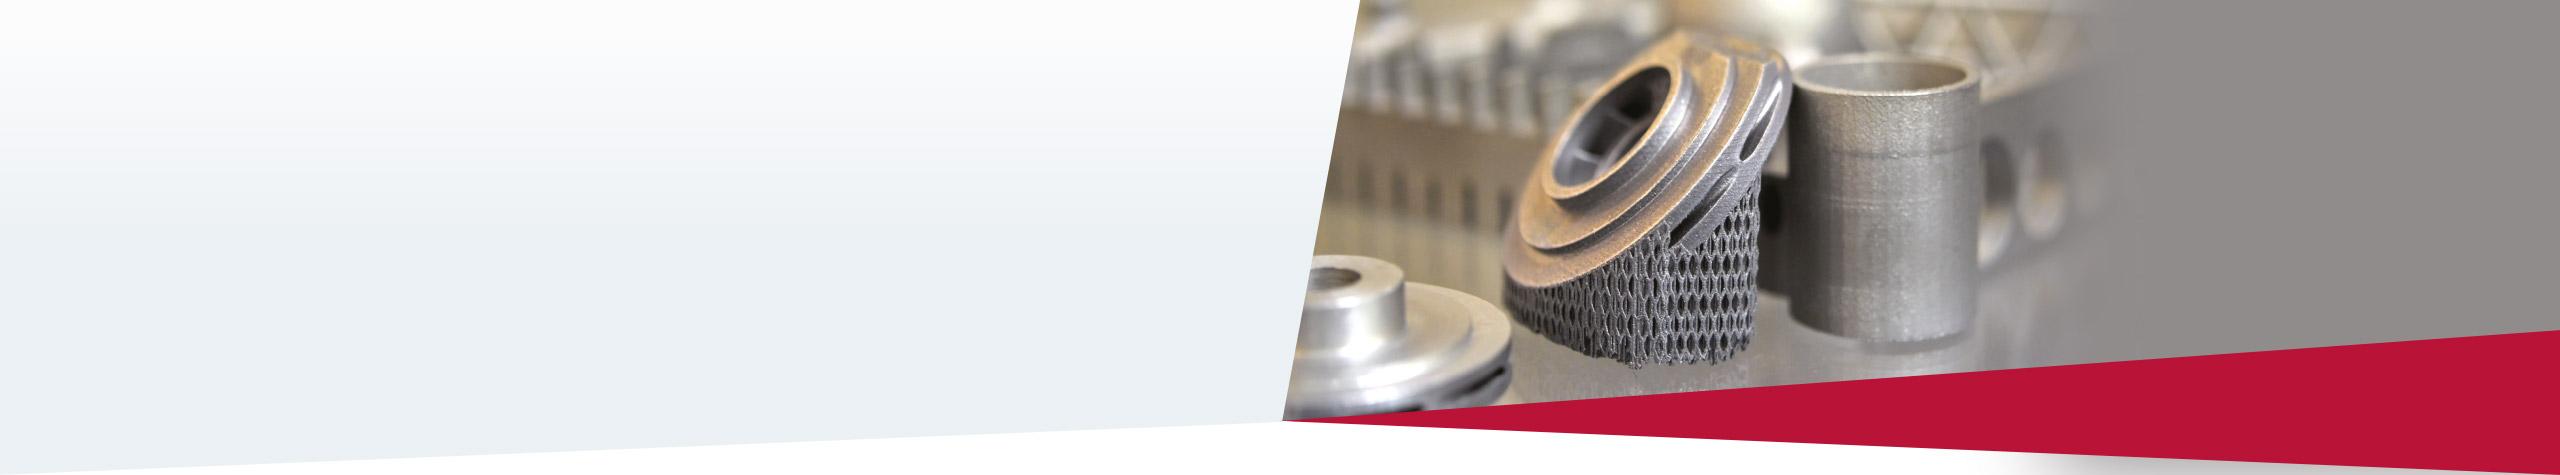 CAMWorks Additive Manufacturing Die erste Softwarelösung für die hybride Fertigung